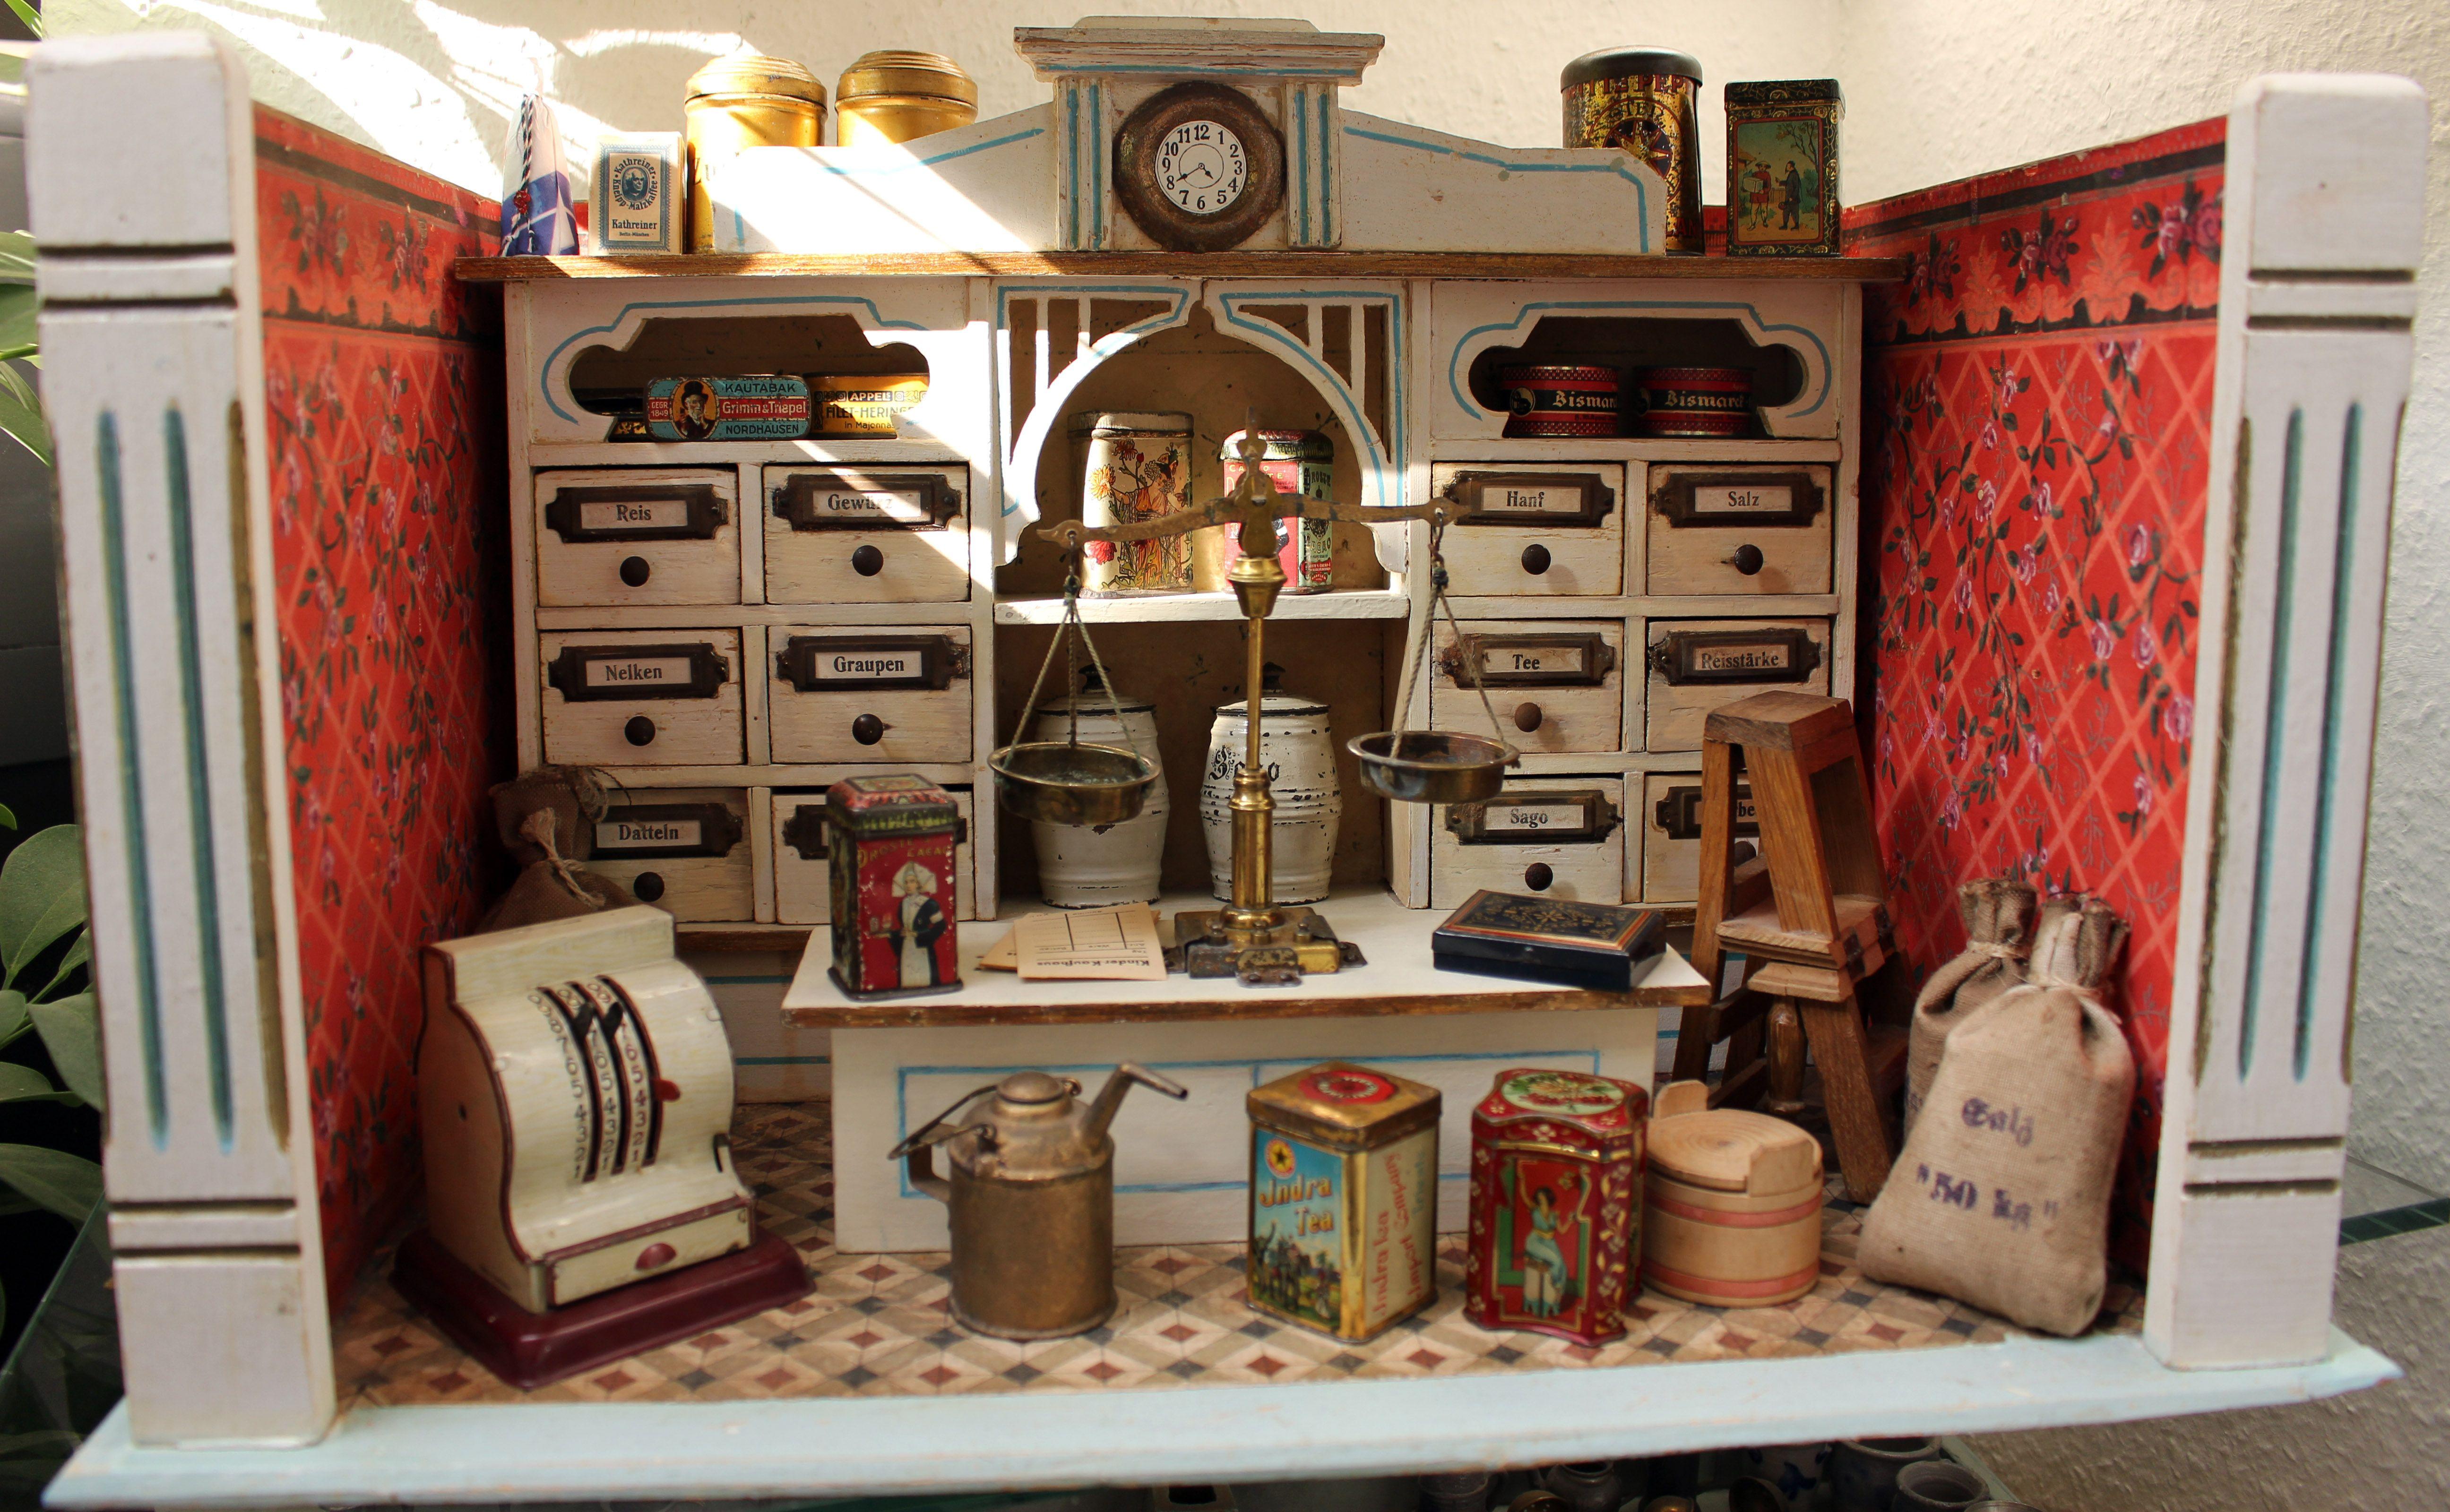 kaufladen von albin sch nherr alte kaufl den pinterest kaufladen wolle kaufen und alter. Black Bedroom Furniture Sets. Home Design Ideas